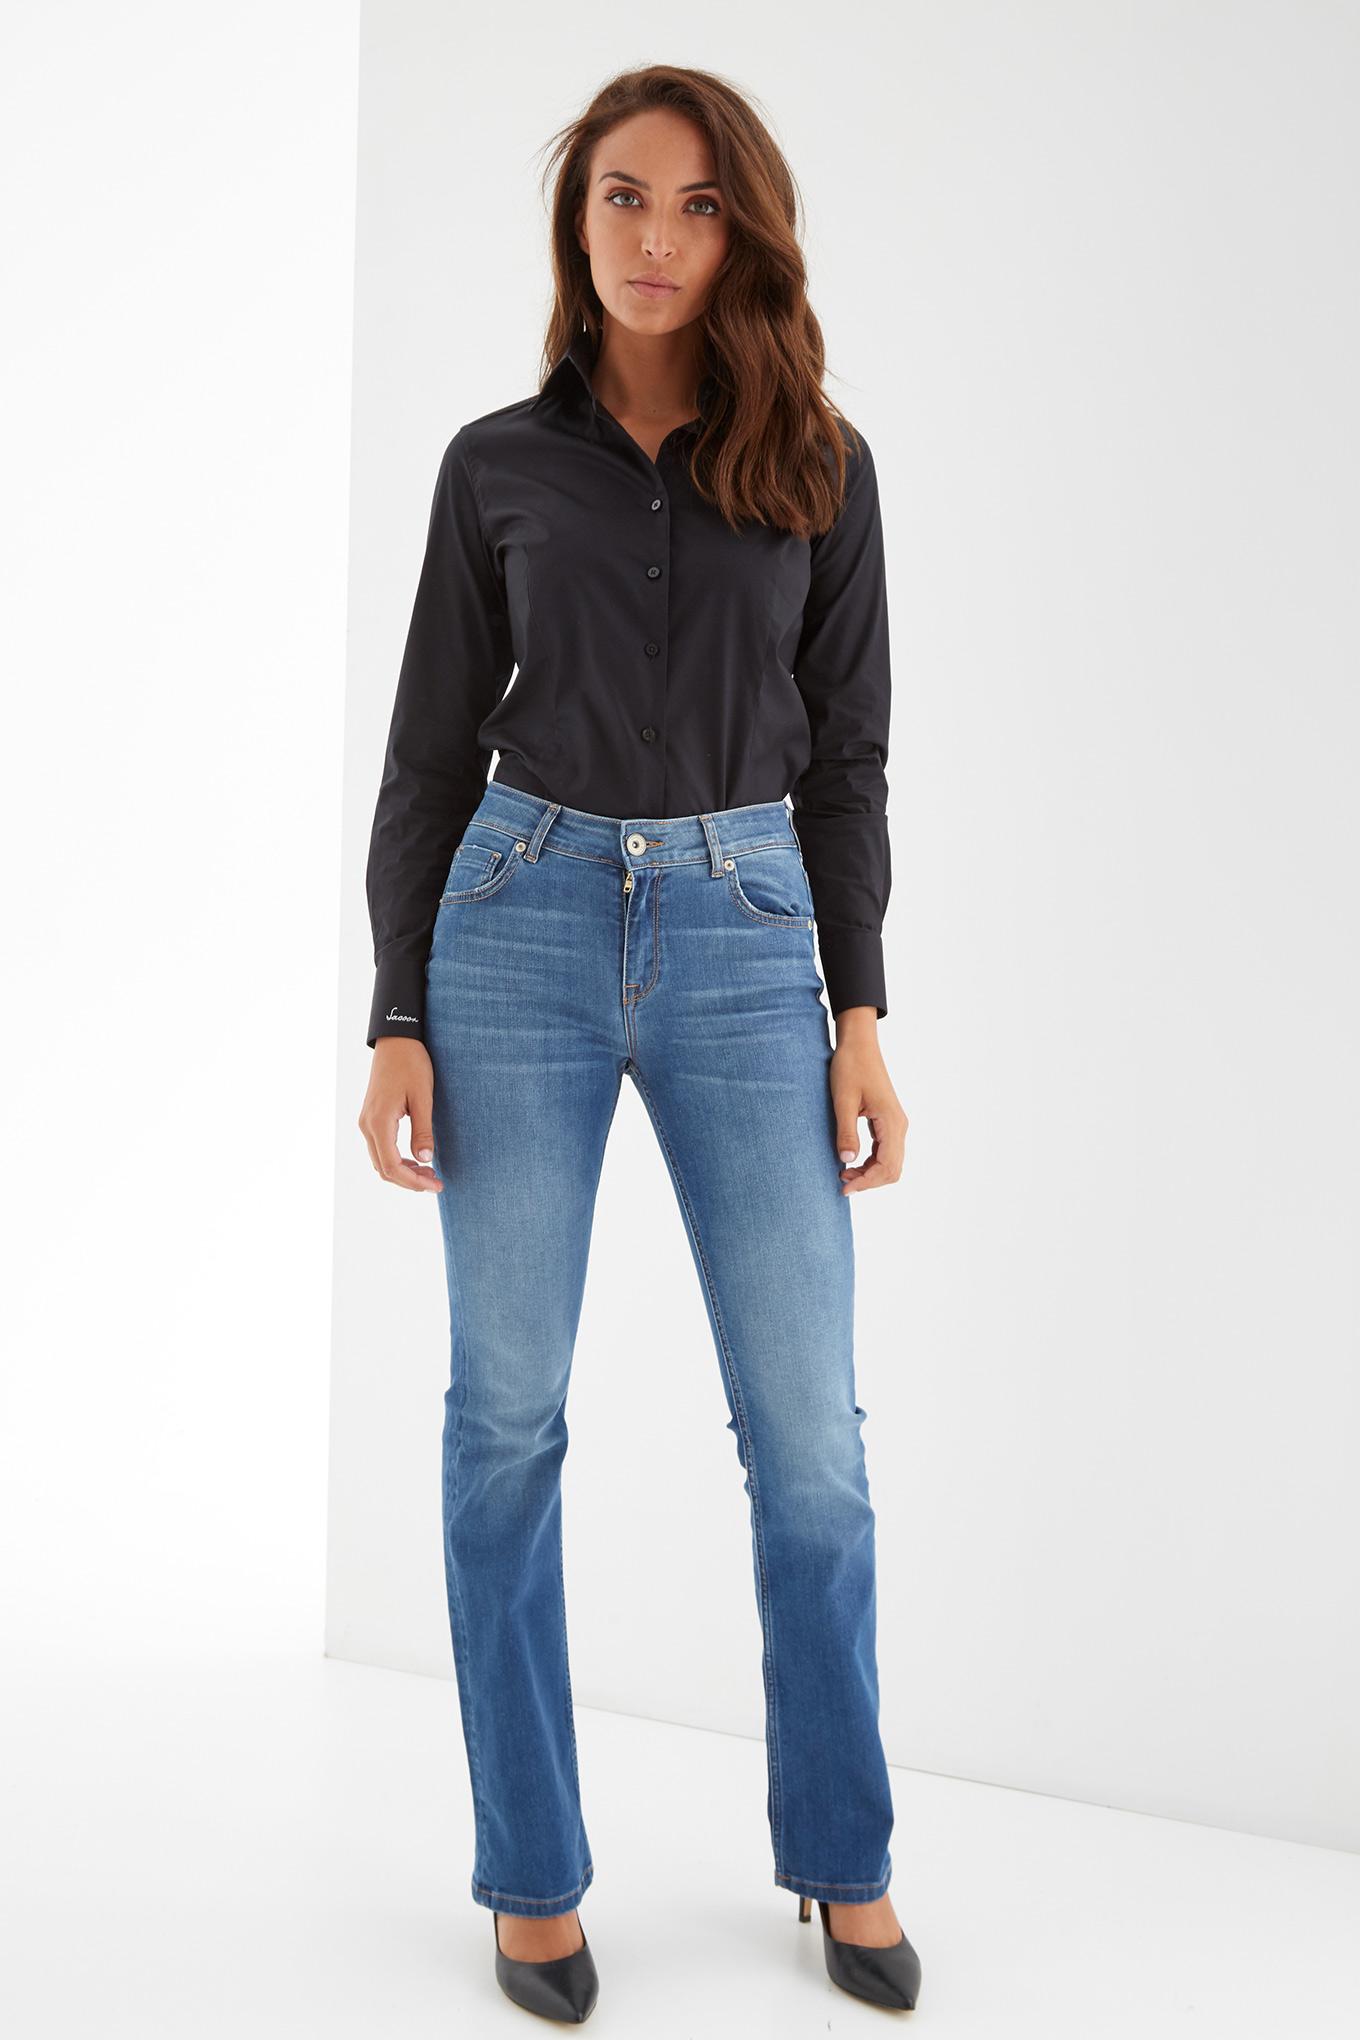 Shirt Black Classic Woman